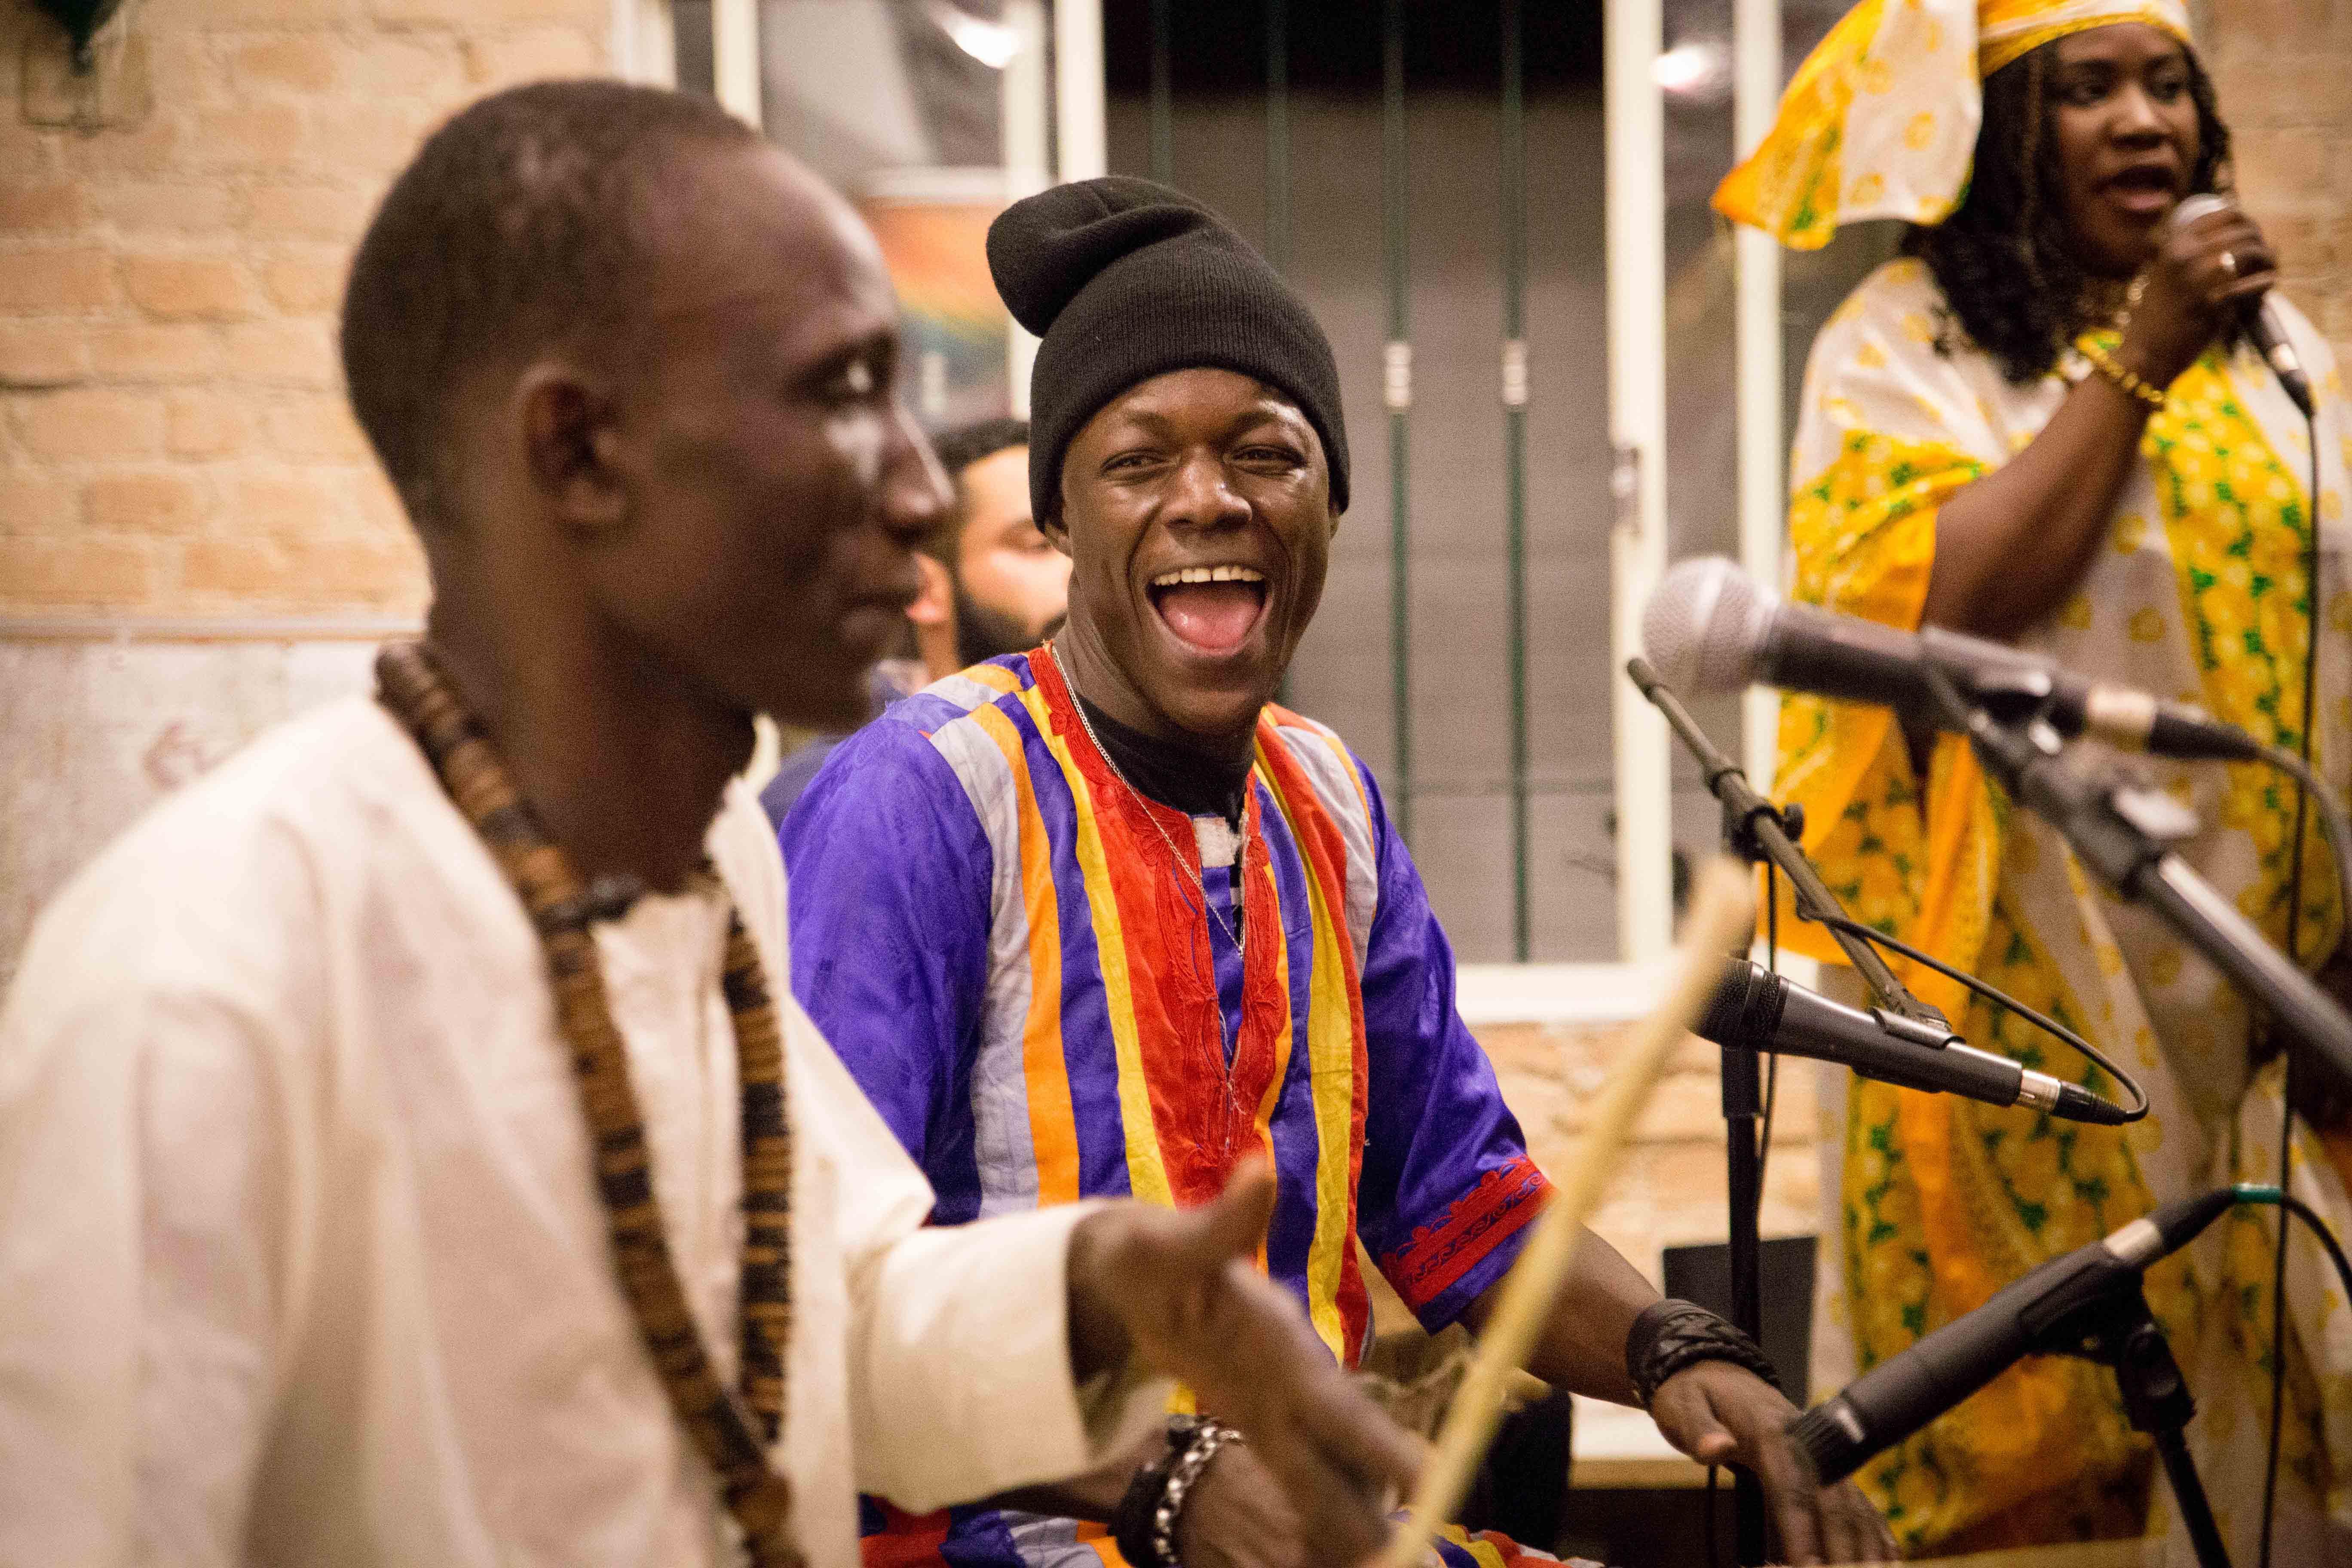 BrazilFoundation Refugiado Abraço Cultural